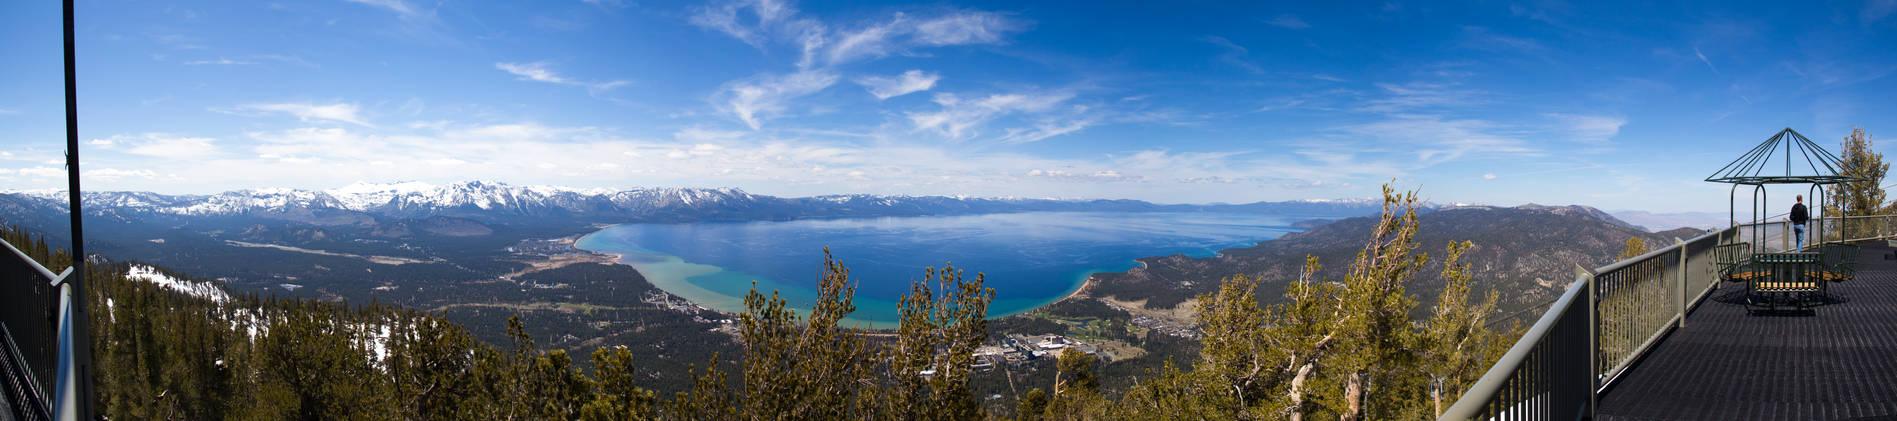 Heavenly - Tahoe